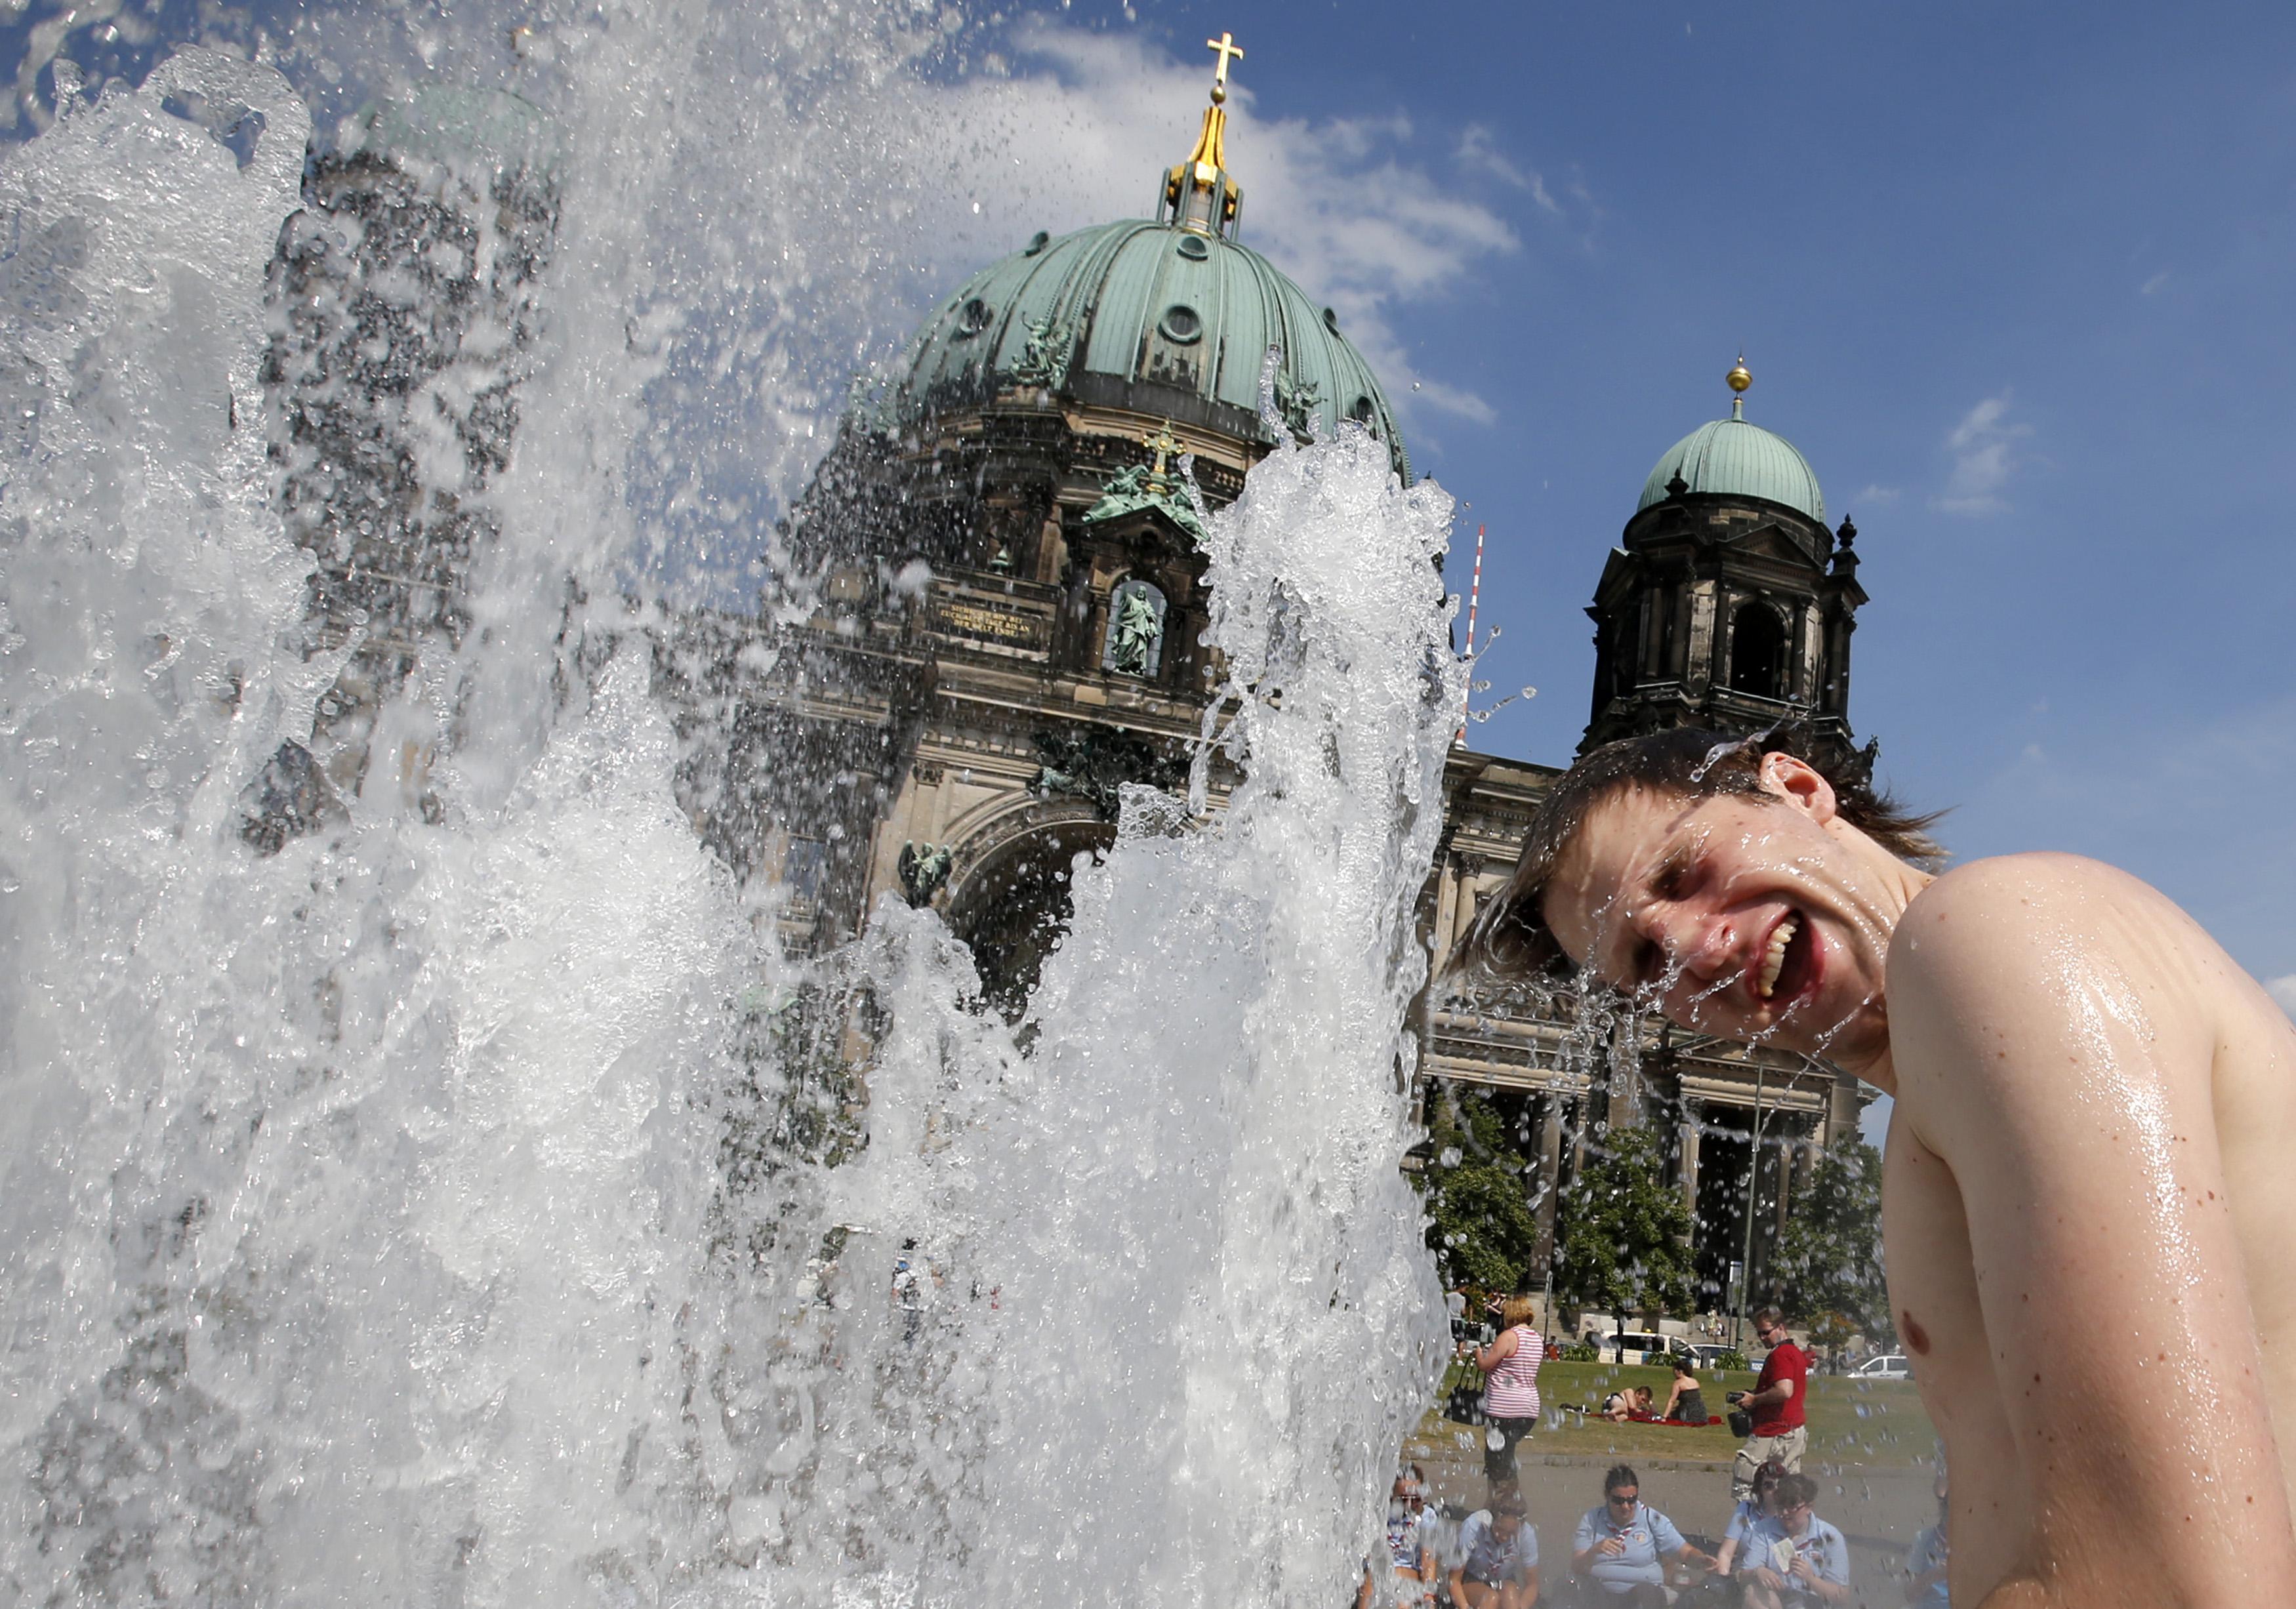 ALEMANHA, 27.7.2013. Frente à Catedral de Berlim, uma turista refresca-se em dia quente de Verão